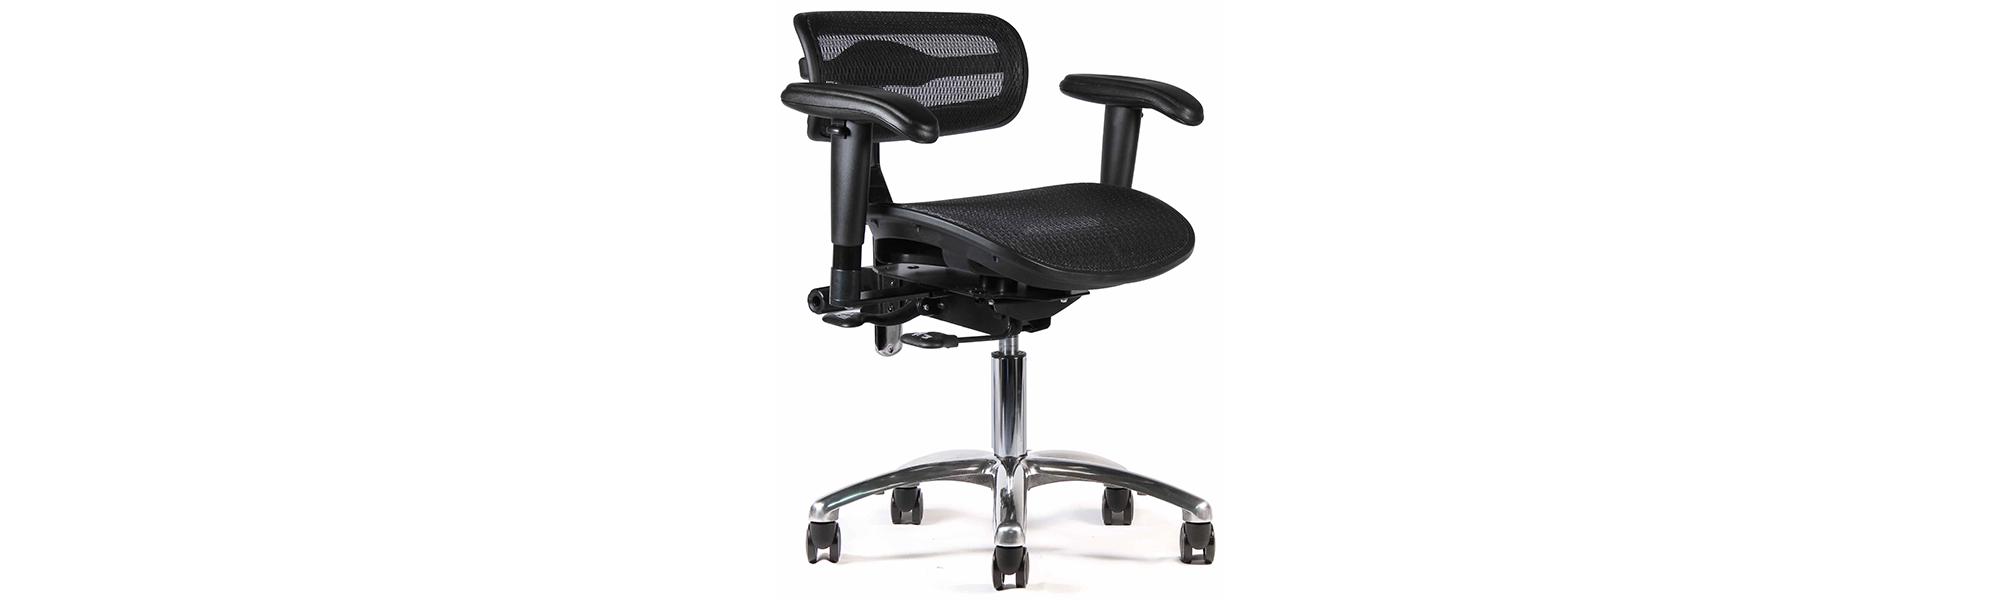 Chairblack